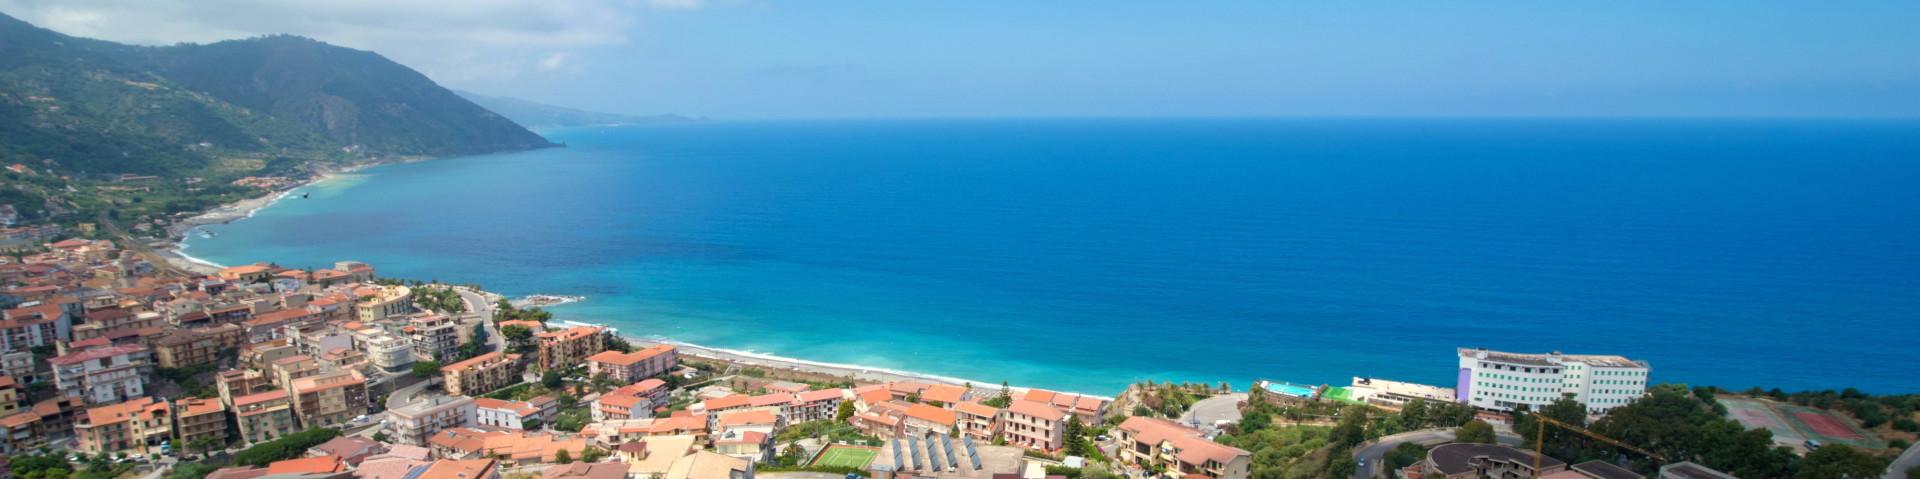 Gioiosa Marea, městečko v zálivu